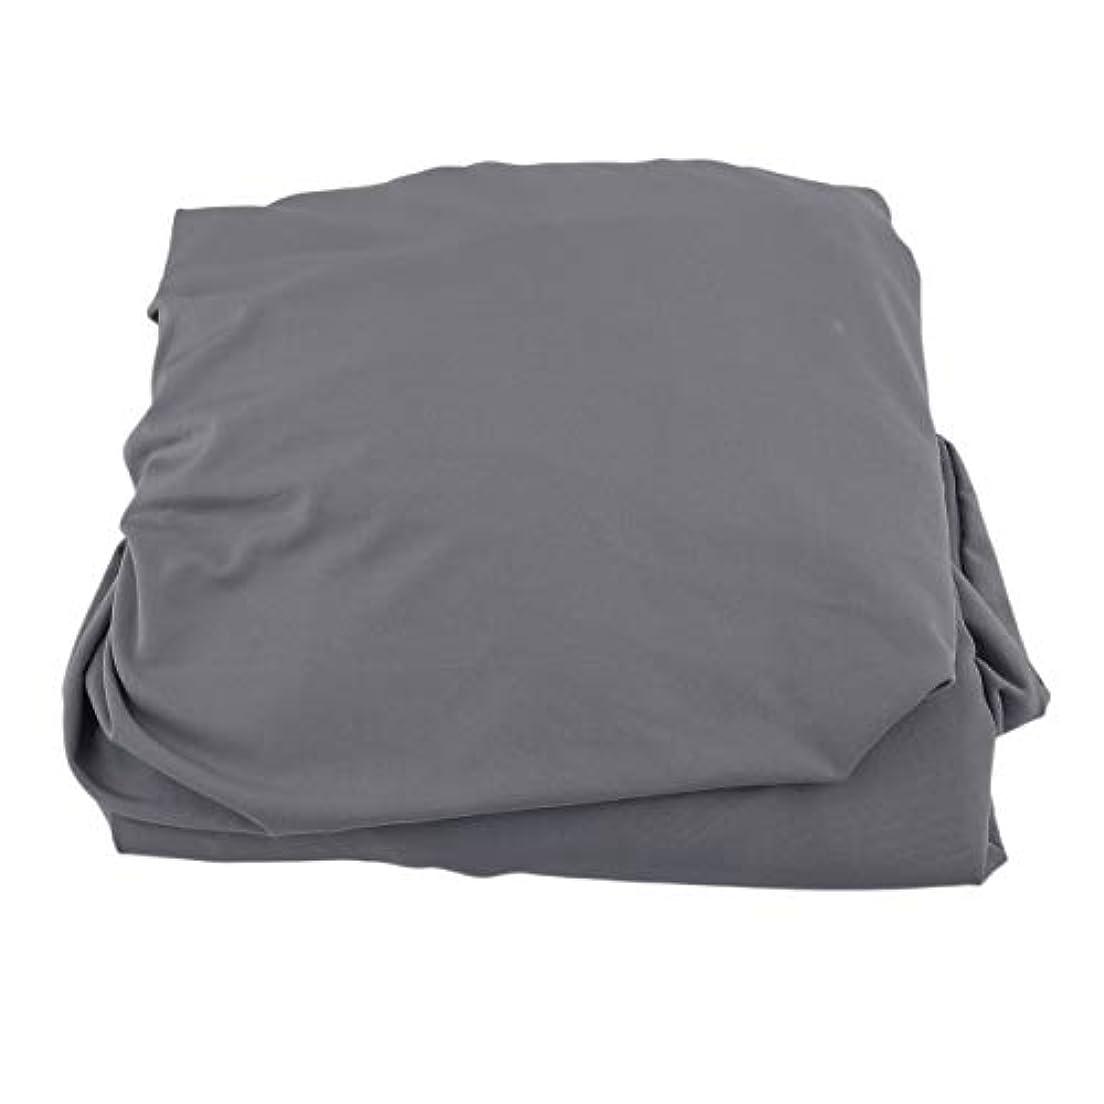 季節人里離れたアコーSaikogoods 弾性ポリエステルソファカバーピュアカラーストレッチ本のカバー柔軟な椅子Dustcoat耐久性のあるソファーカバー家具の布 グレー